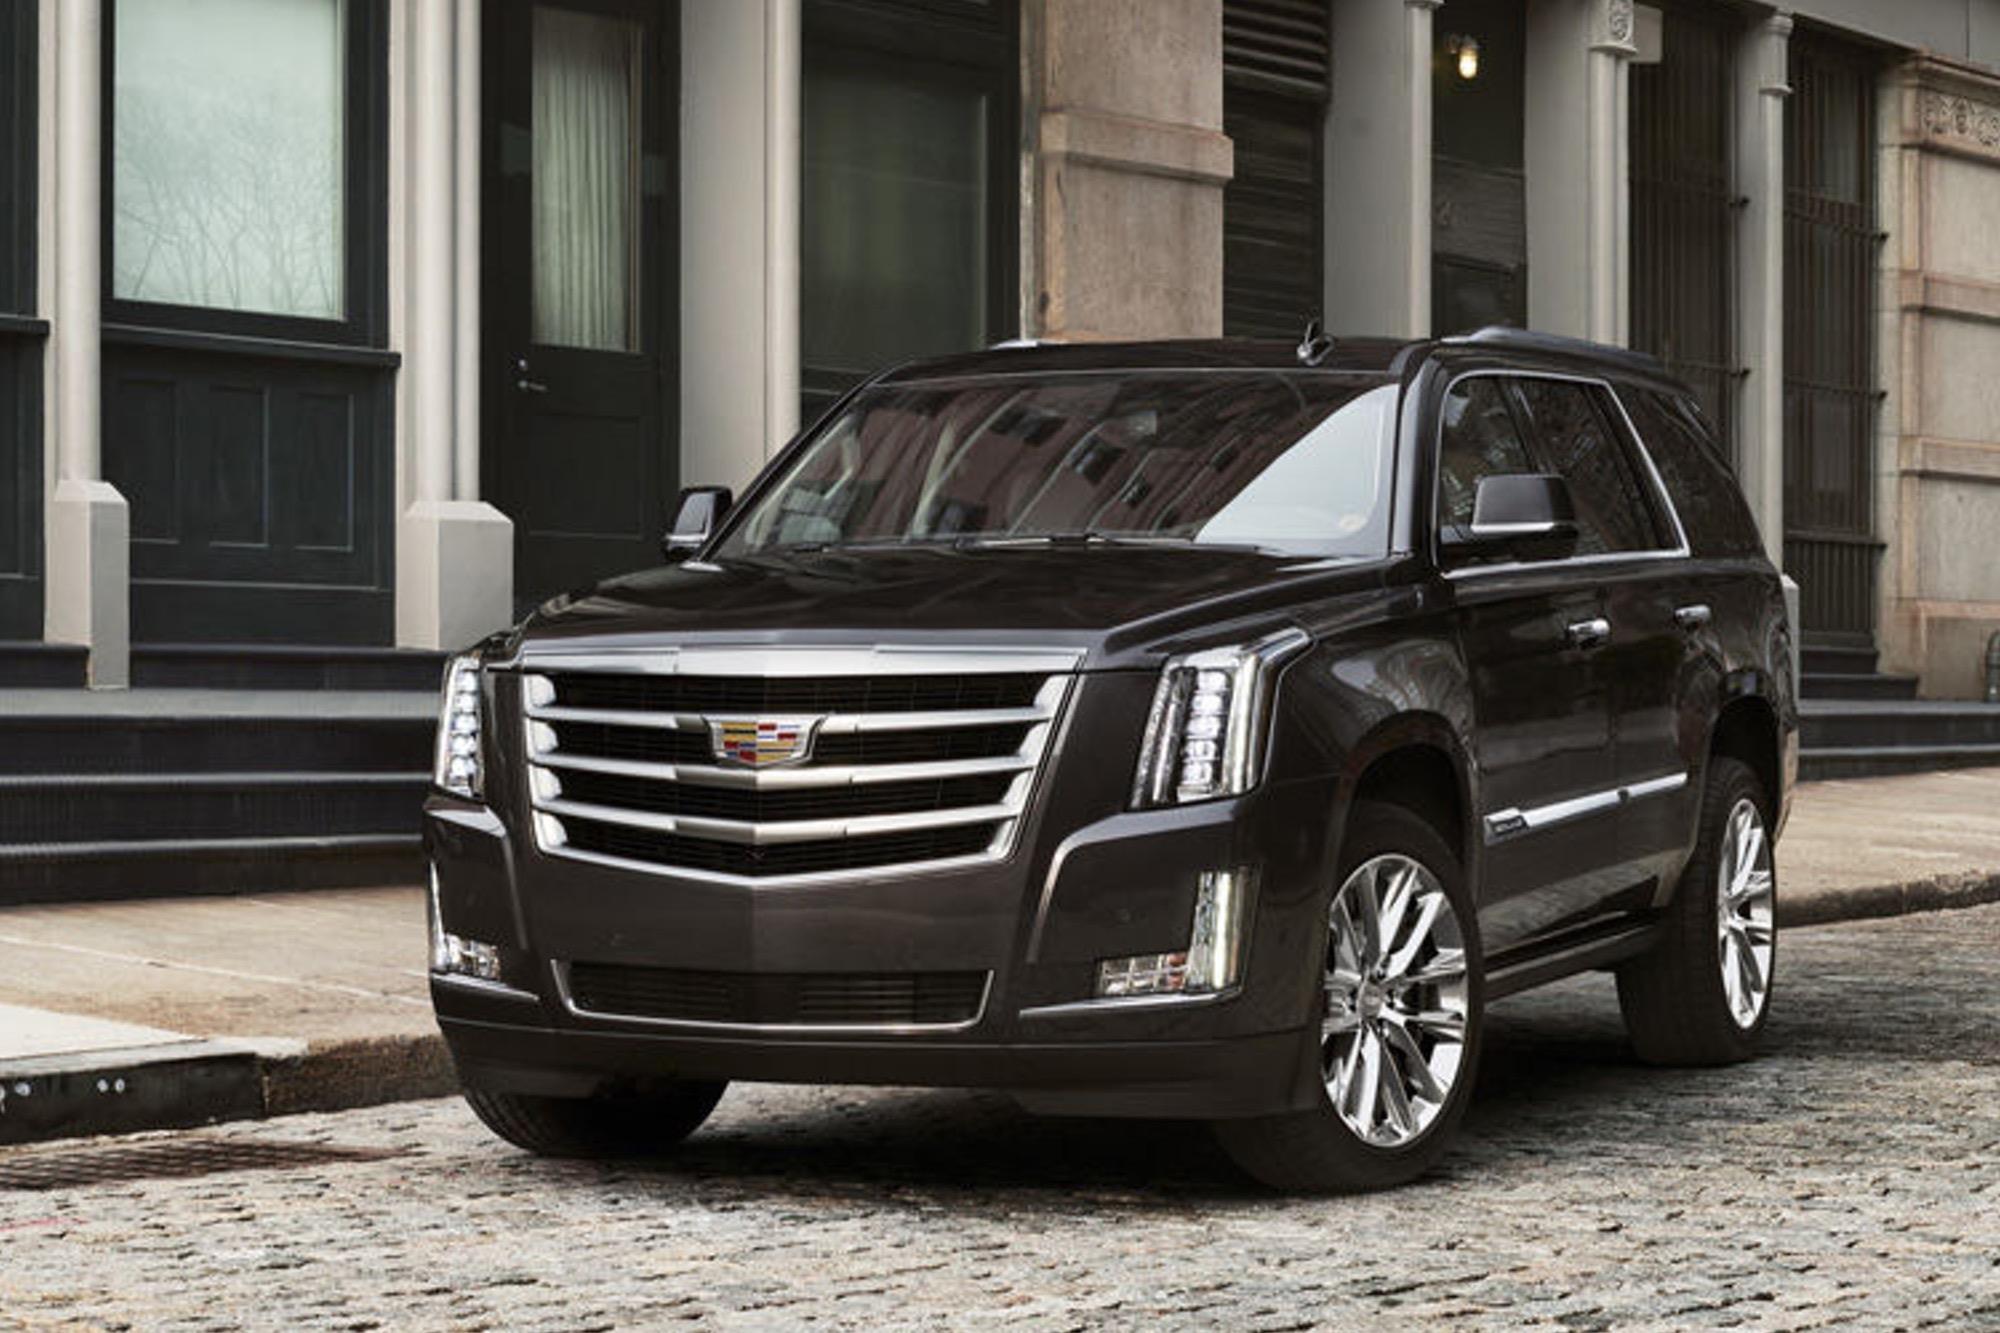 2020 Cadillac Escalade To See A $10,000 Price Increase